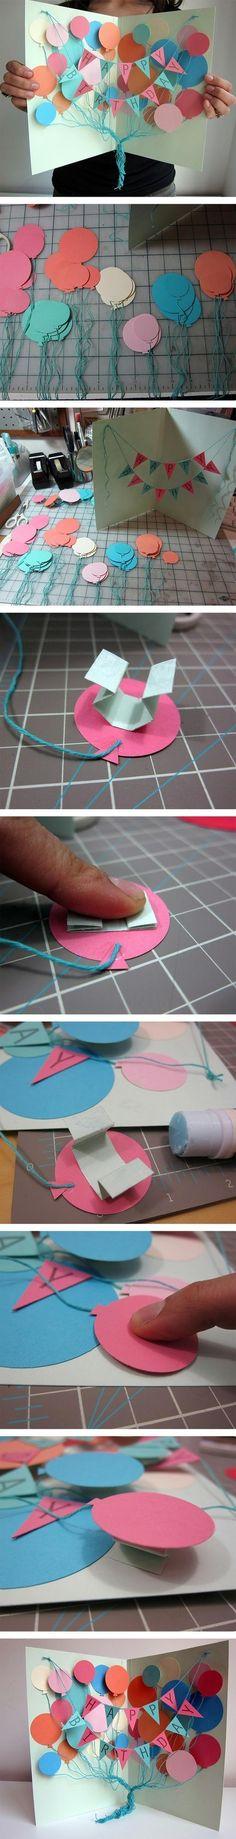 Foto: Leuk om zelf te maken. Geplaatst door Ghoulsandfangs op Welke.nl